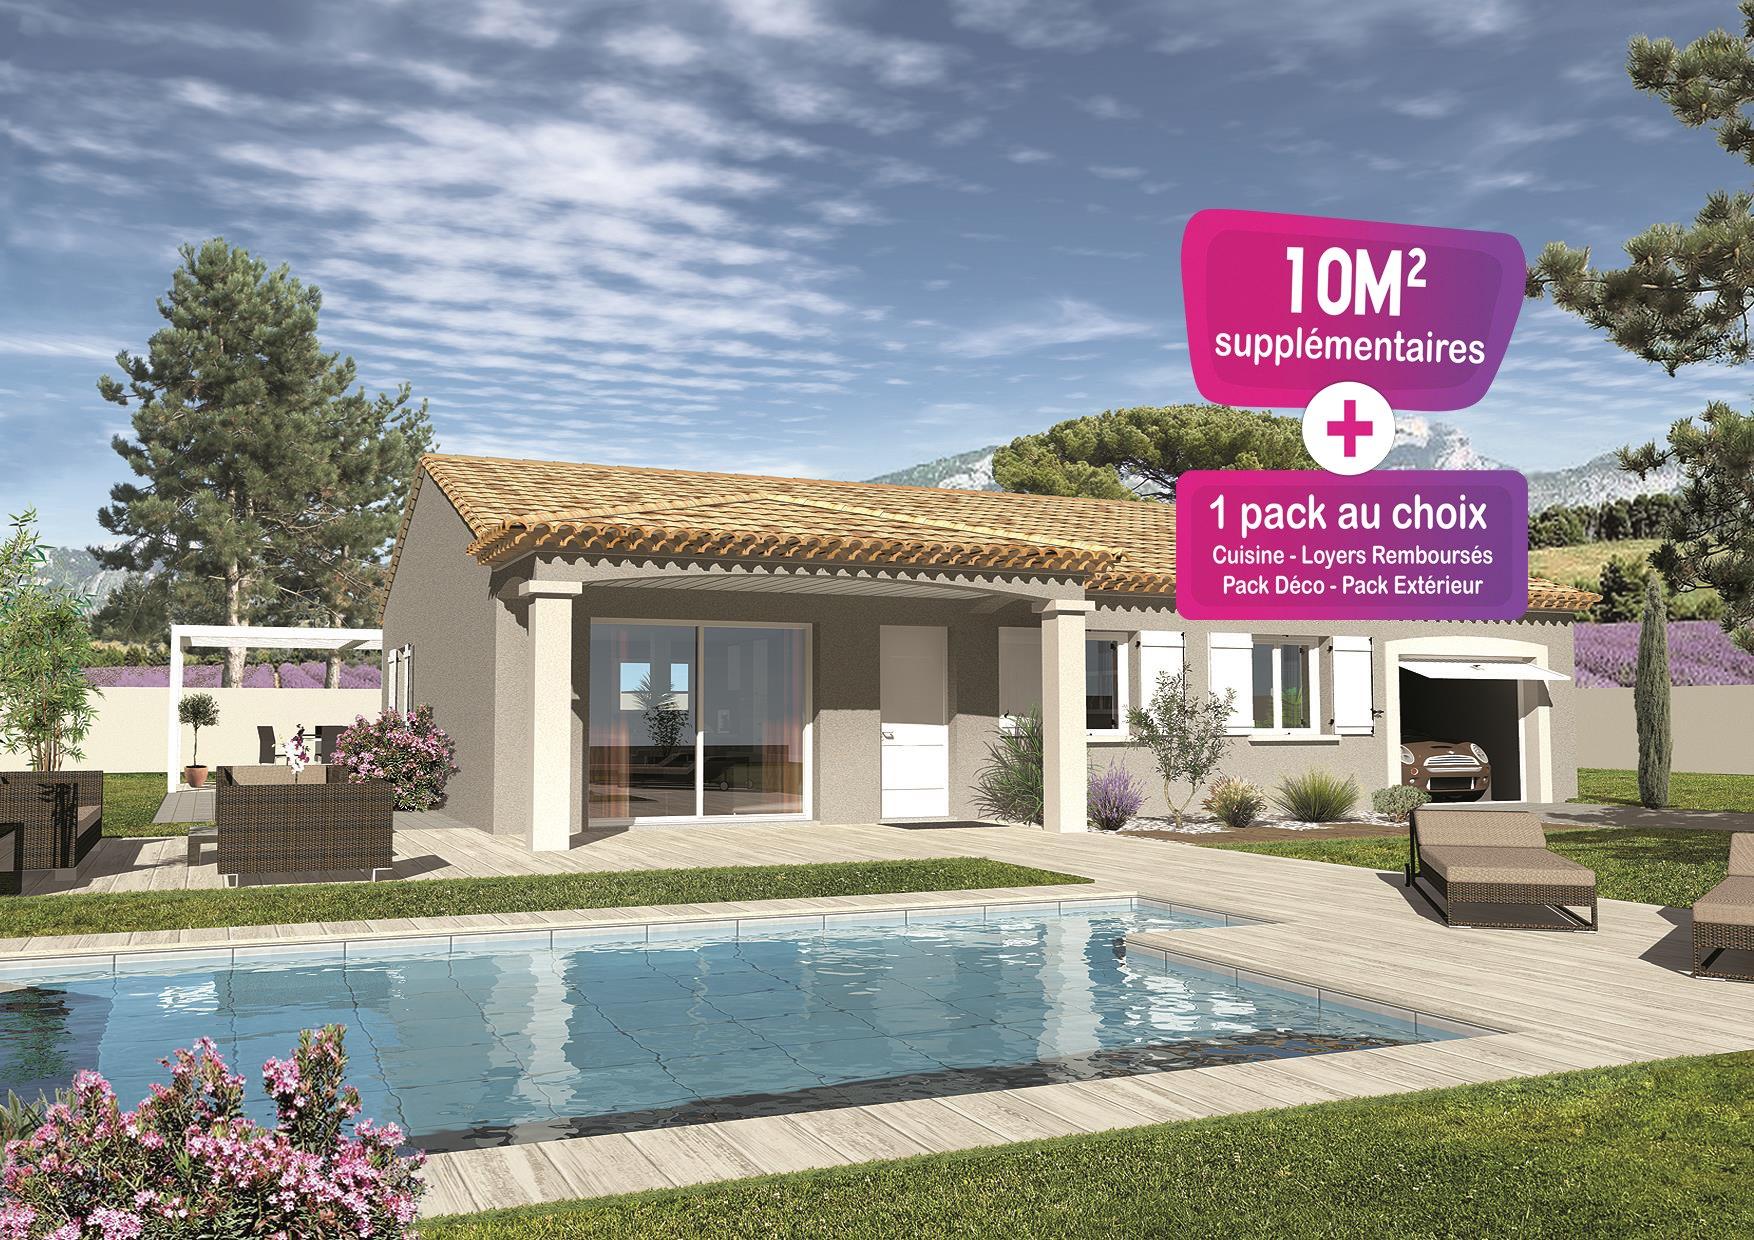 Maisons + Terrains du constructeur MAISONS PUNCH • 89 m² • CHATEAUNEUF DE GADAGNE